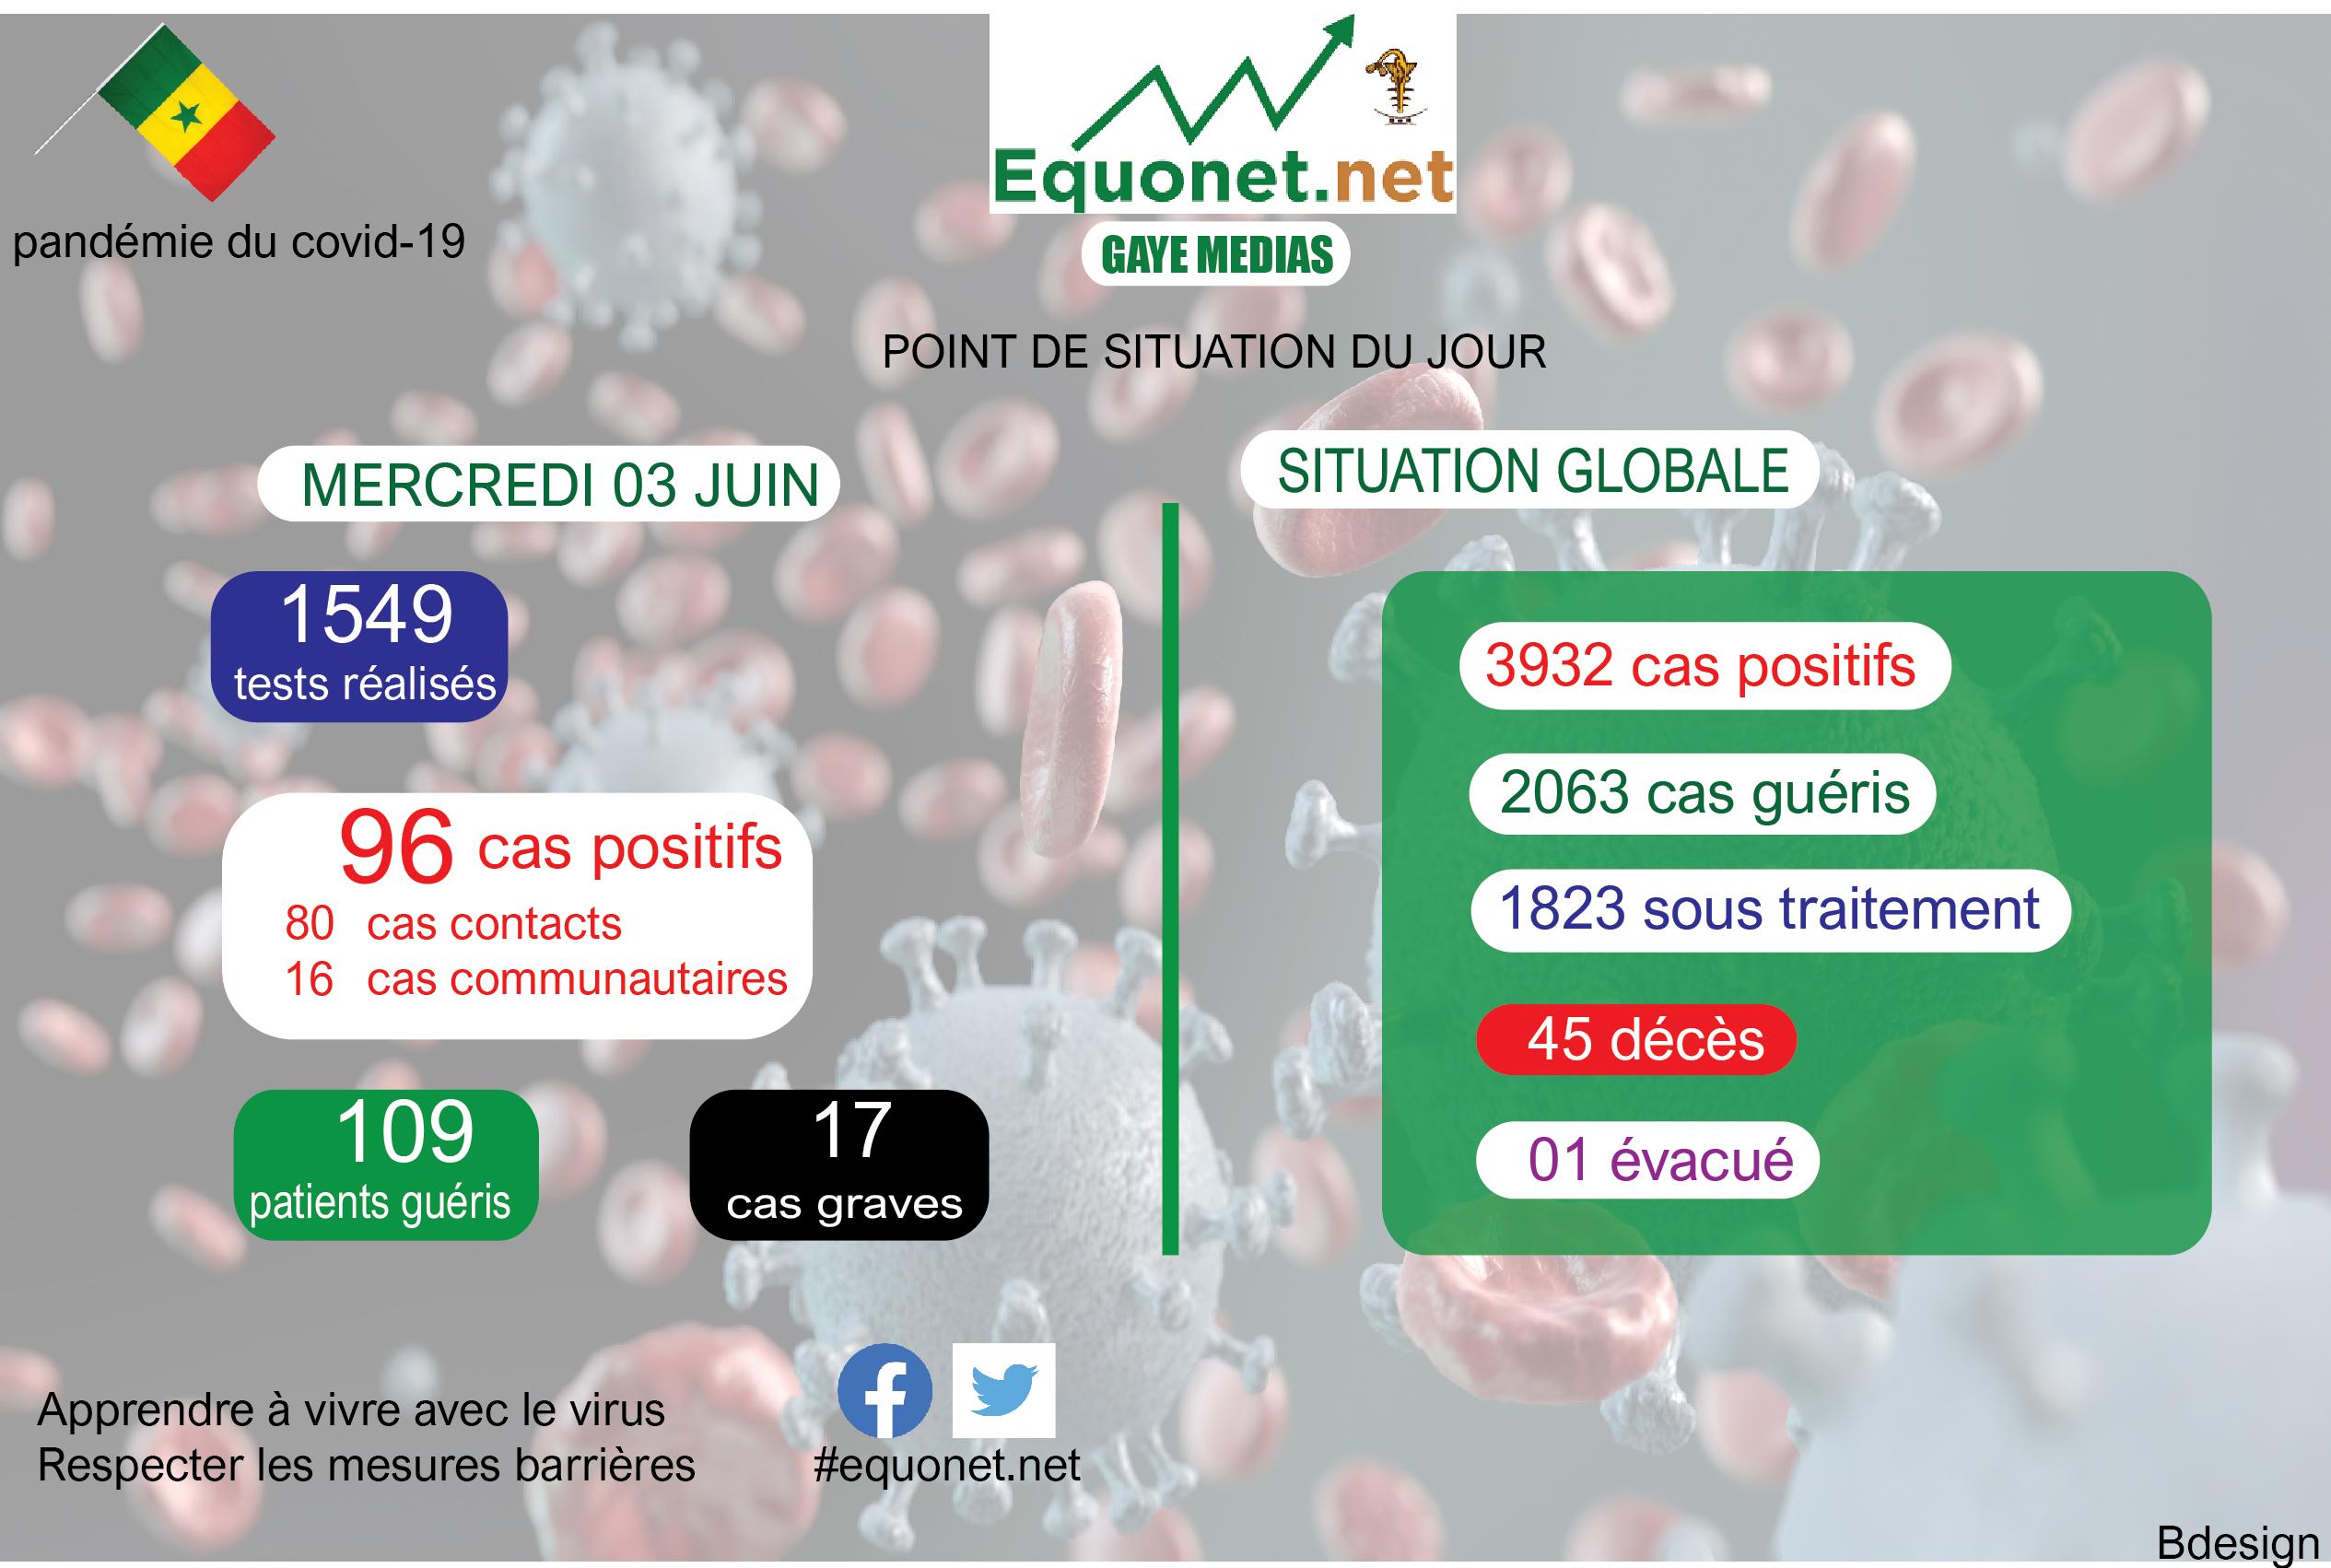 pandémie du coronavirus-covid-19 au sénégal : point de situation du mercredi 03 juin 2020